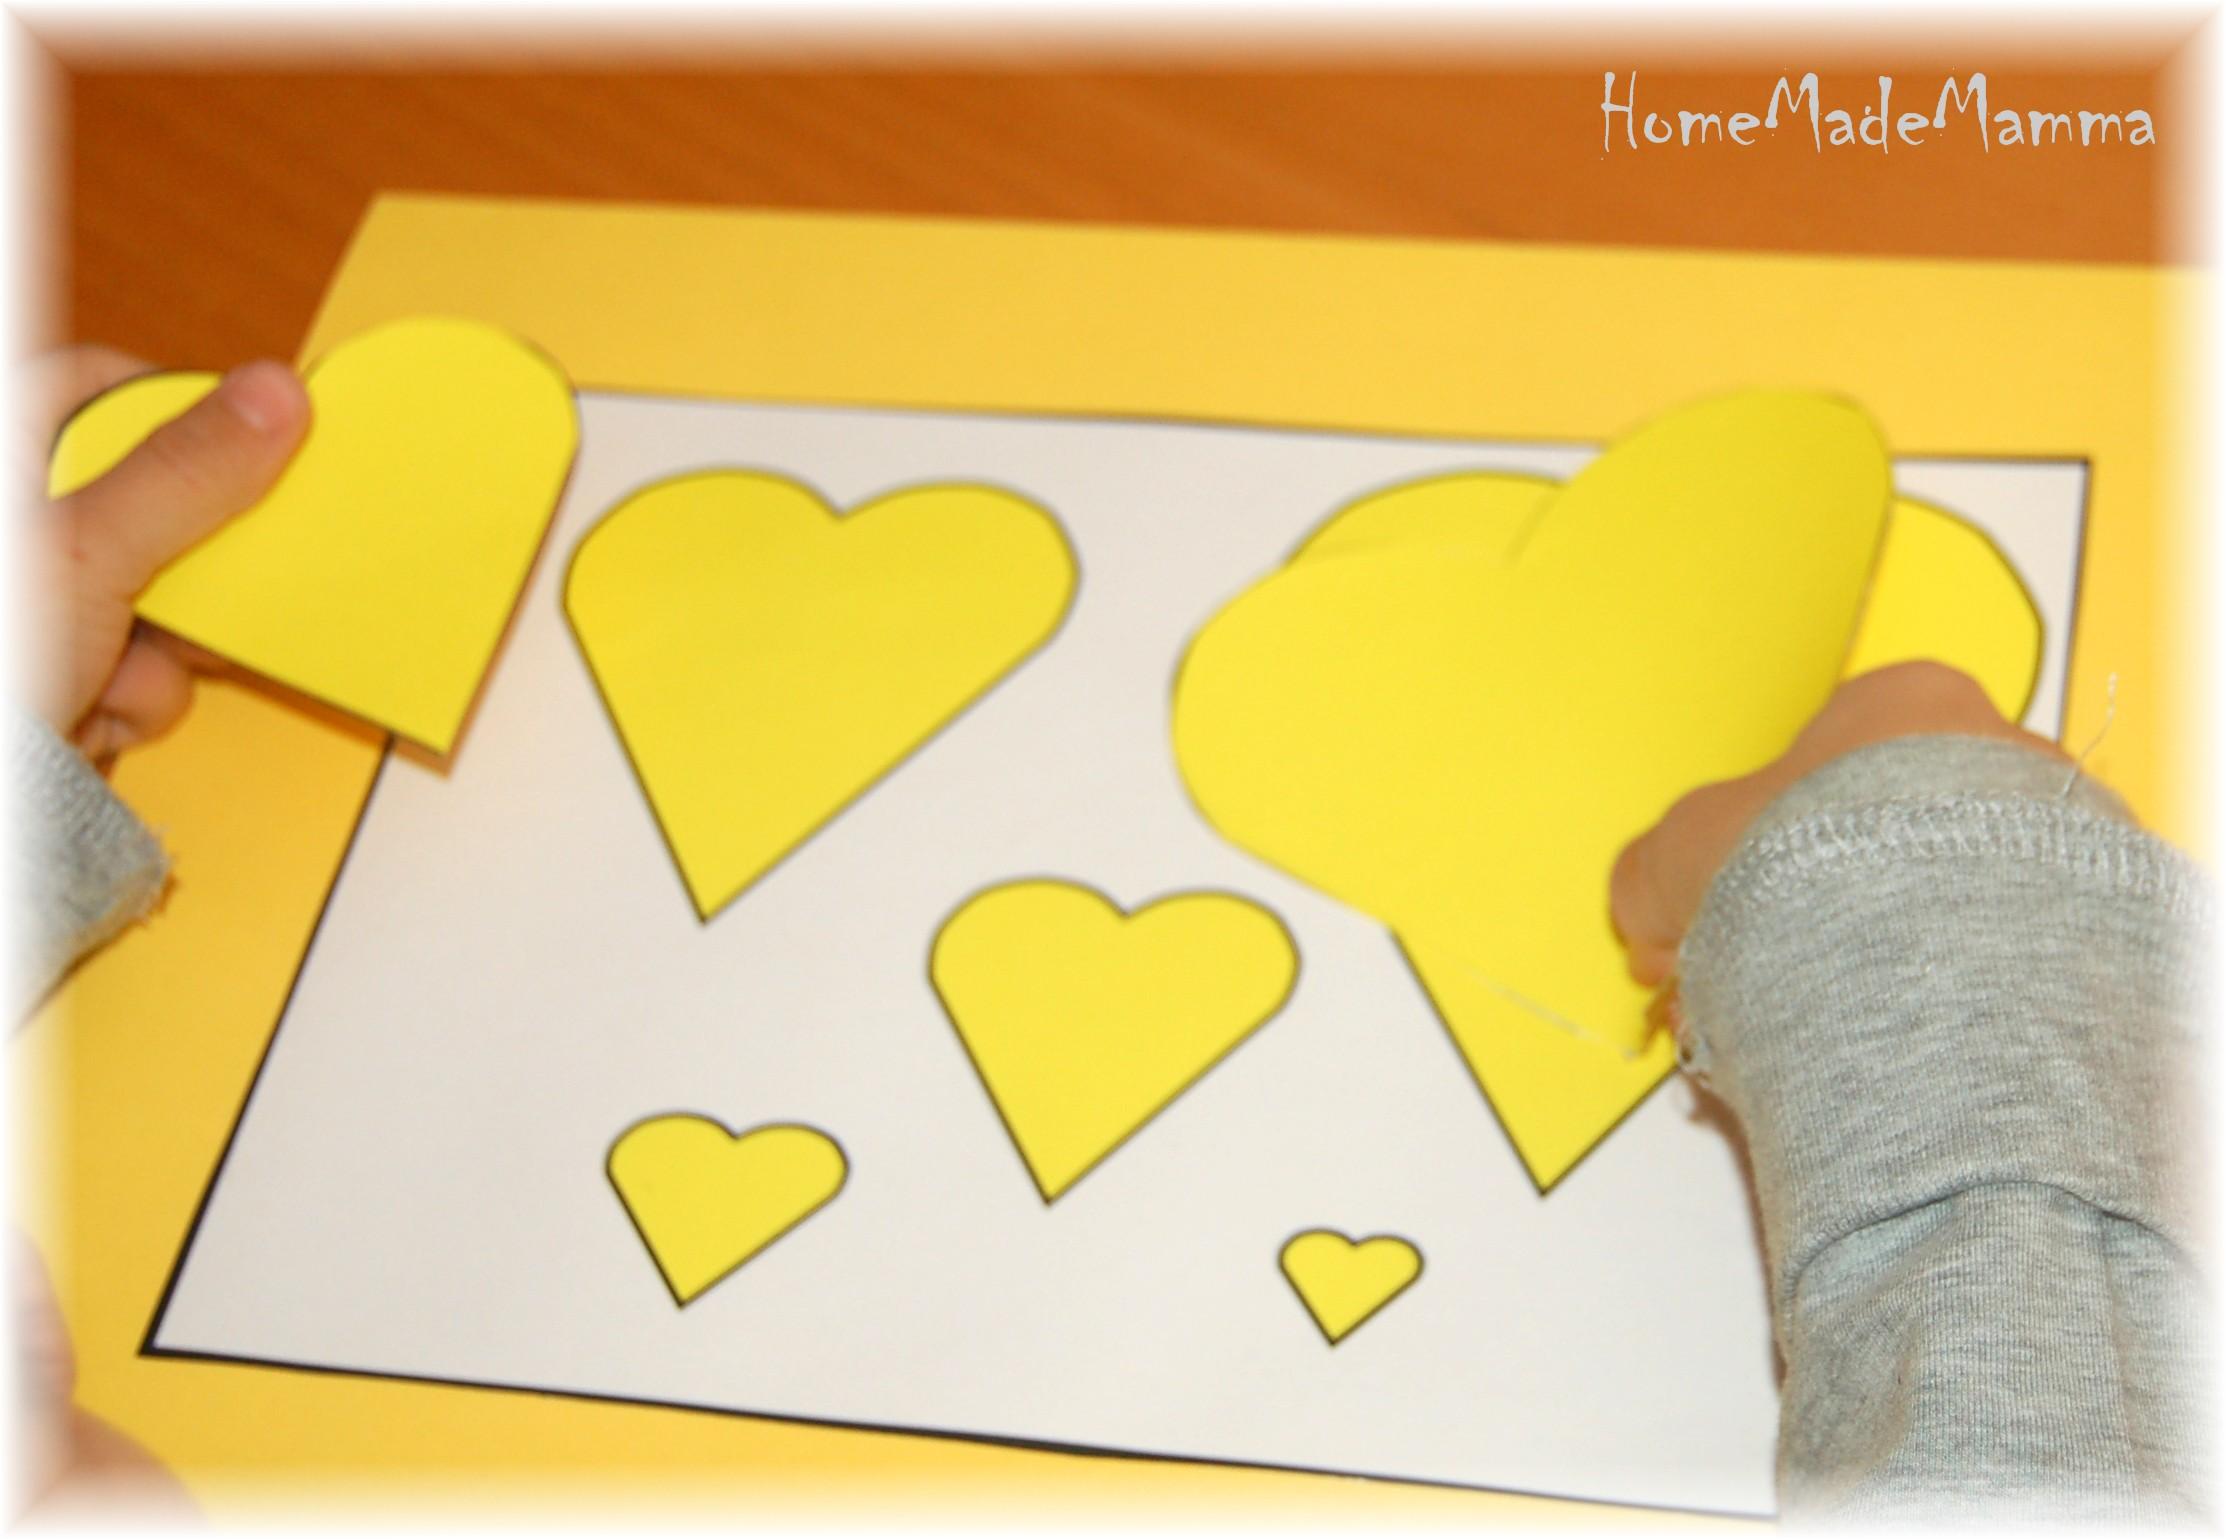 Imparare i numeri homemademamma - Libro immagini a colori ...